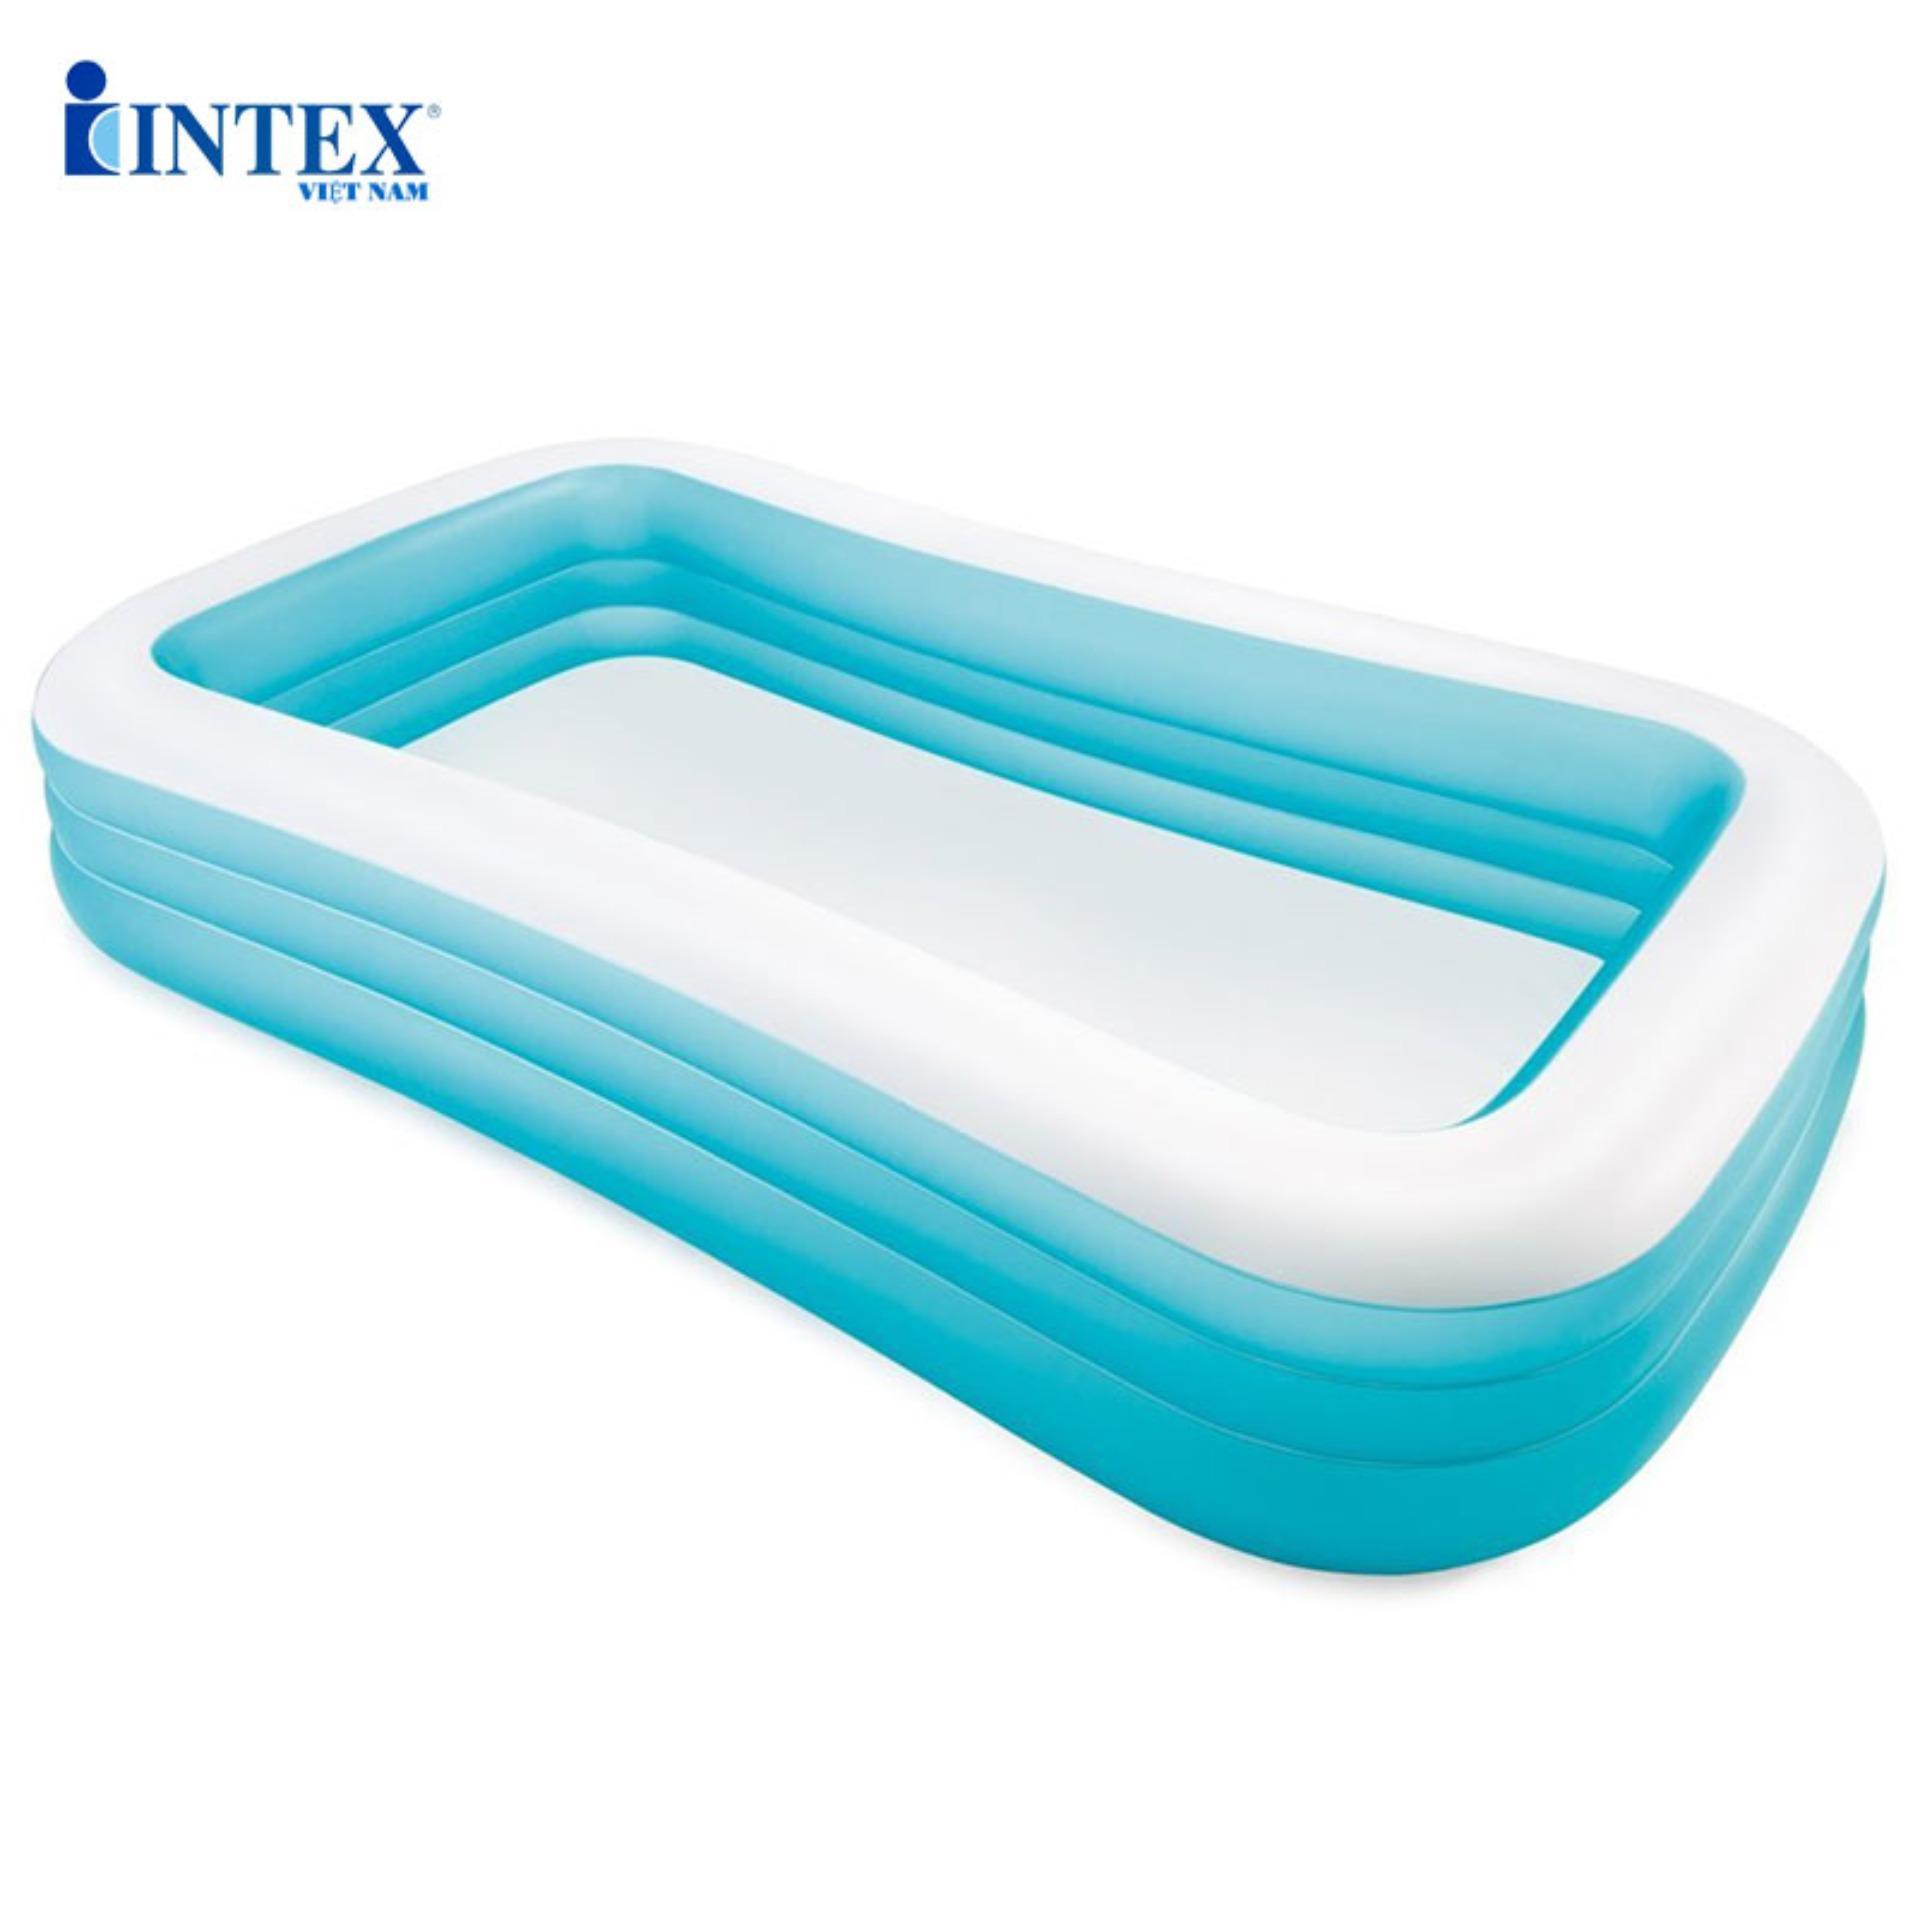 Giá Tiết Kiệm Khi Sở Hữu Bể Bơi Phao Gia đình INTEX 58484 - Bể Bơi Trẻ Em, Bể Bơi Gia đình, Do Choi Tre Em